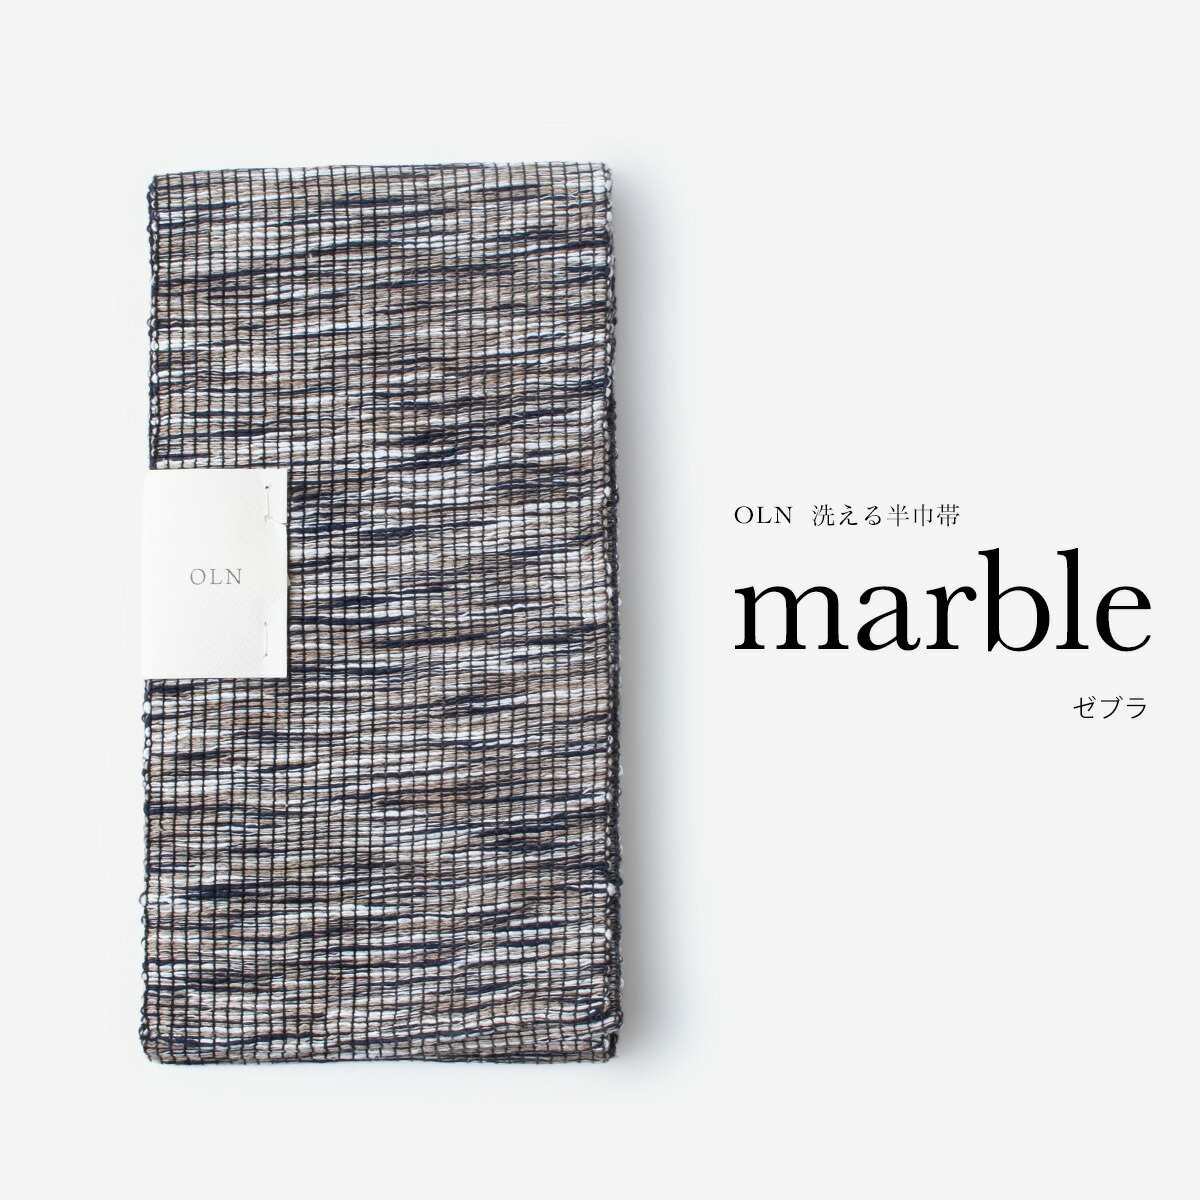 着物屋 くるり OLN 洗える半巾帯 marble ゼブラ